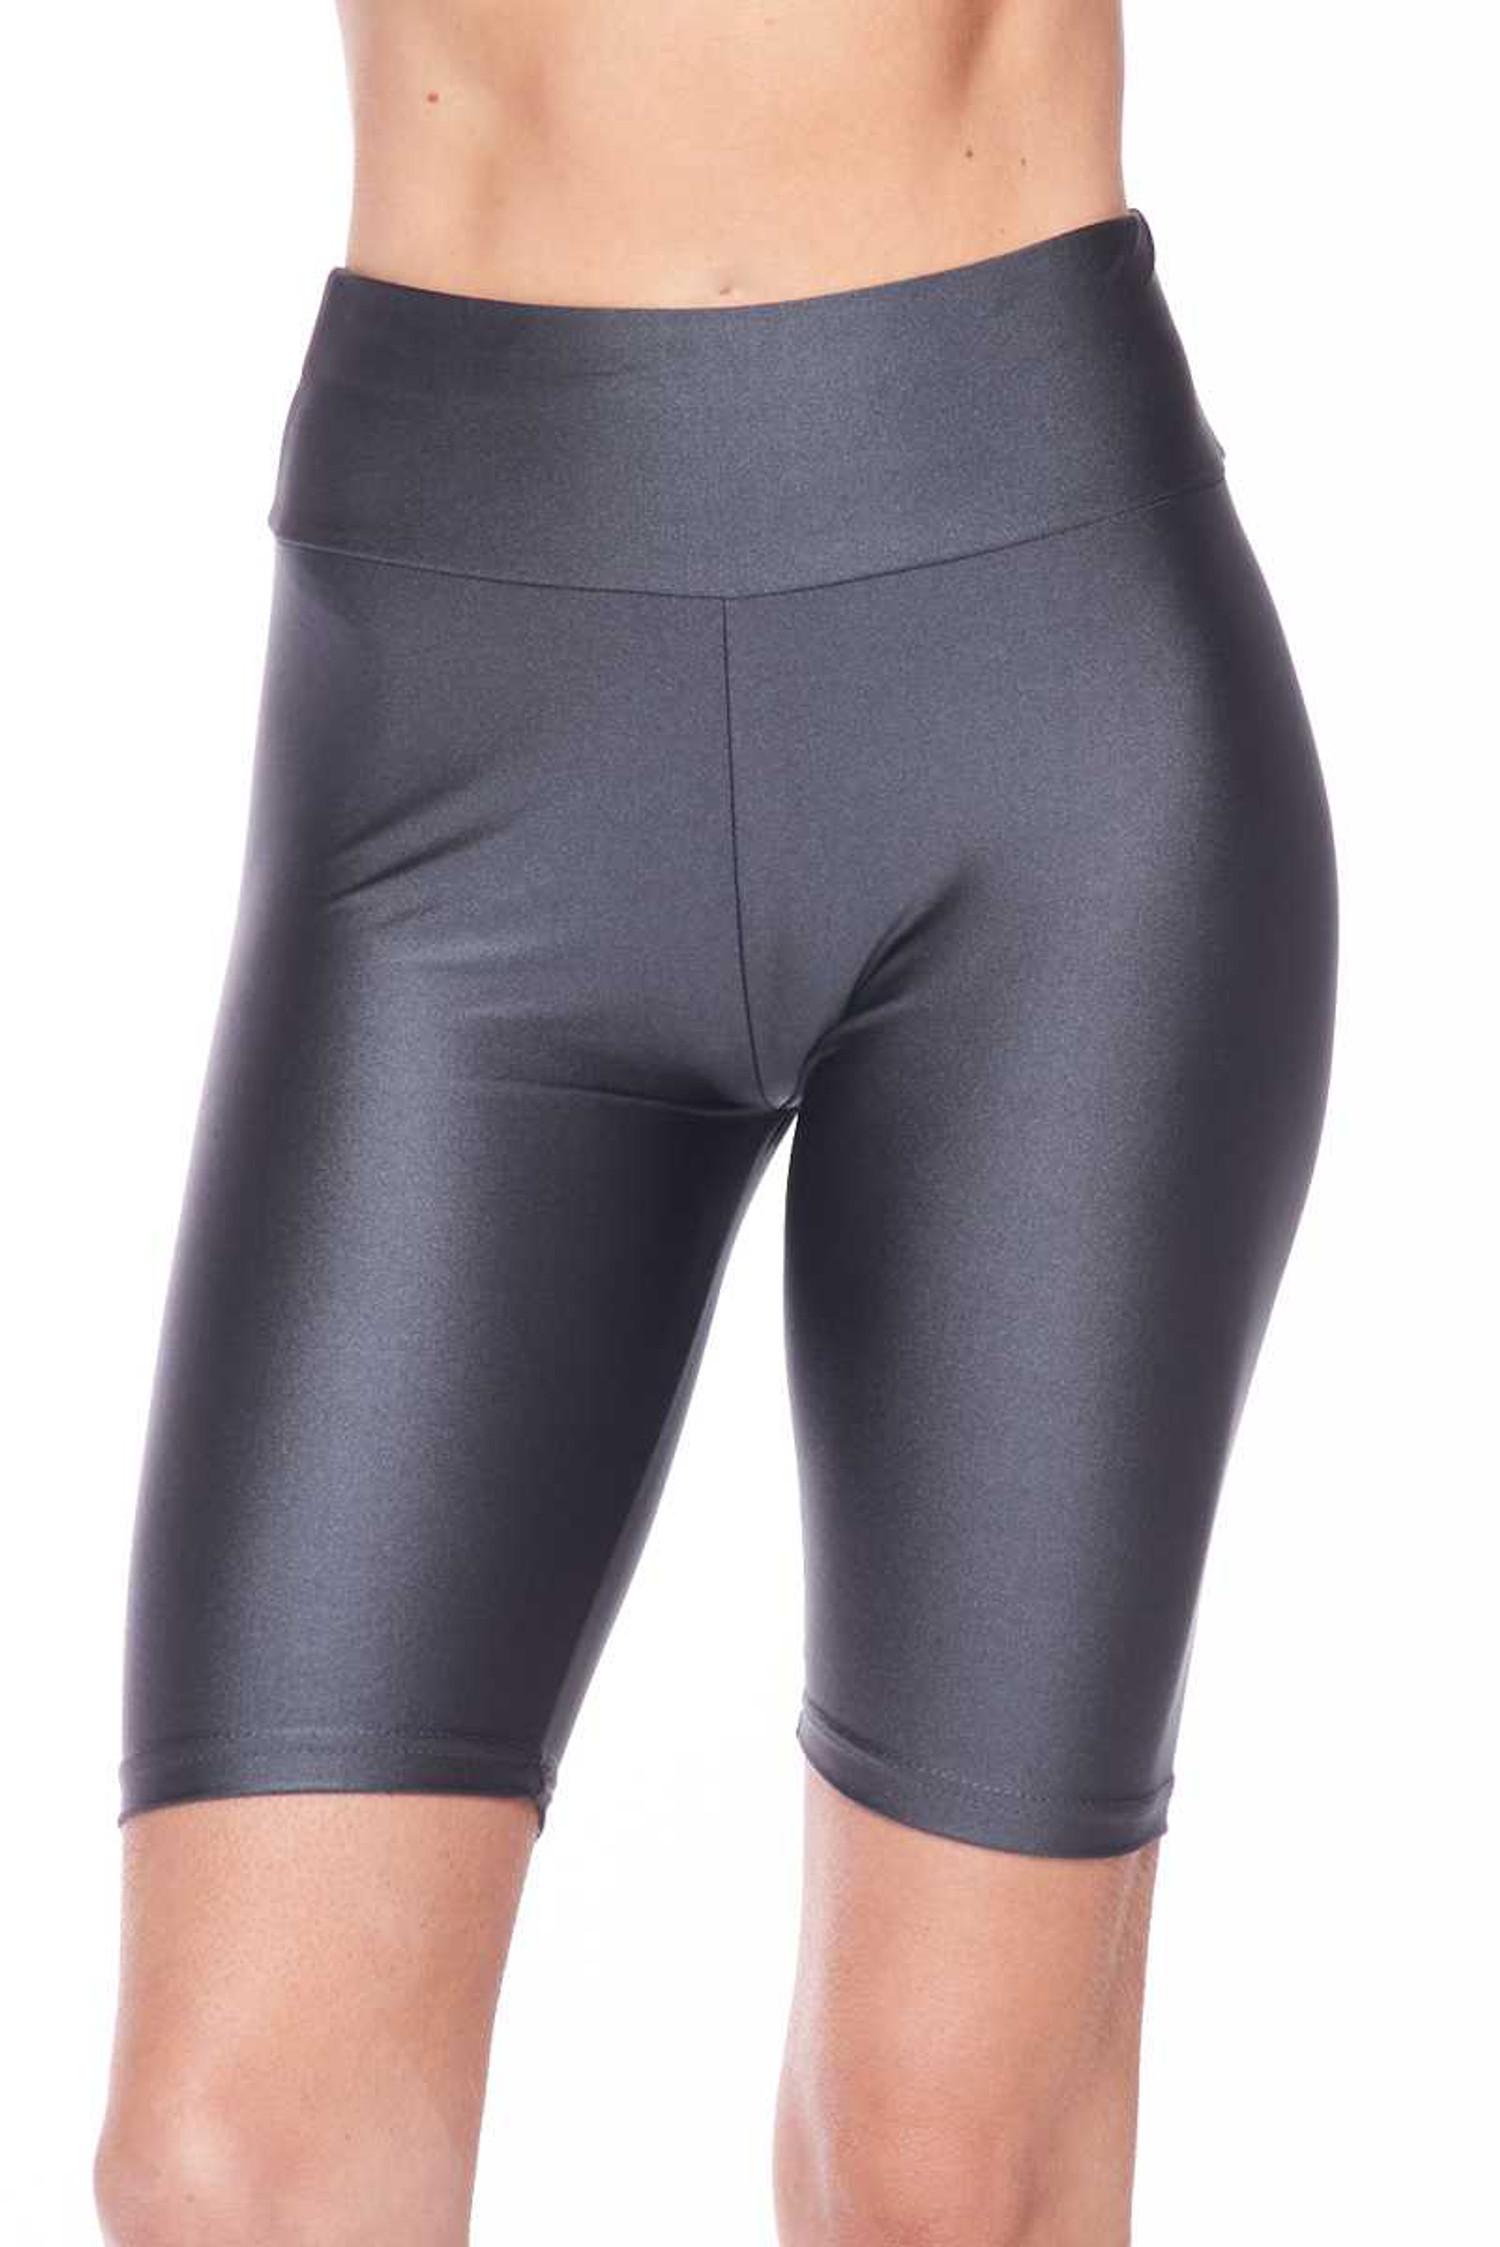 Shiny Scrunch Butt Lifting High Waisted Biker Short